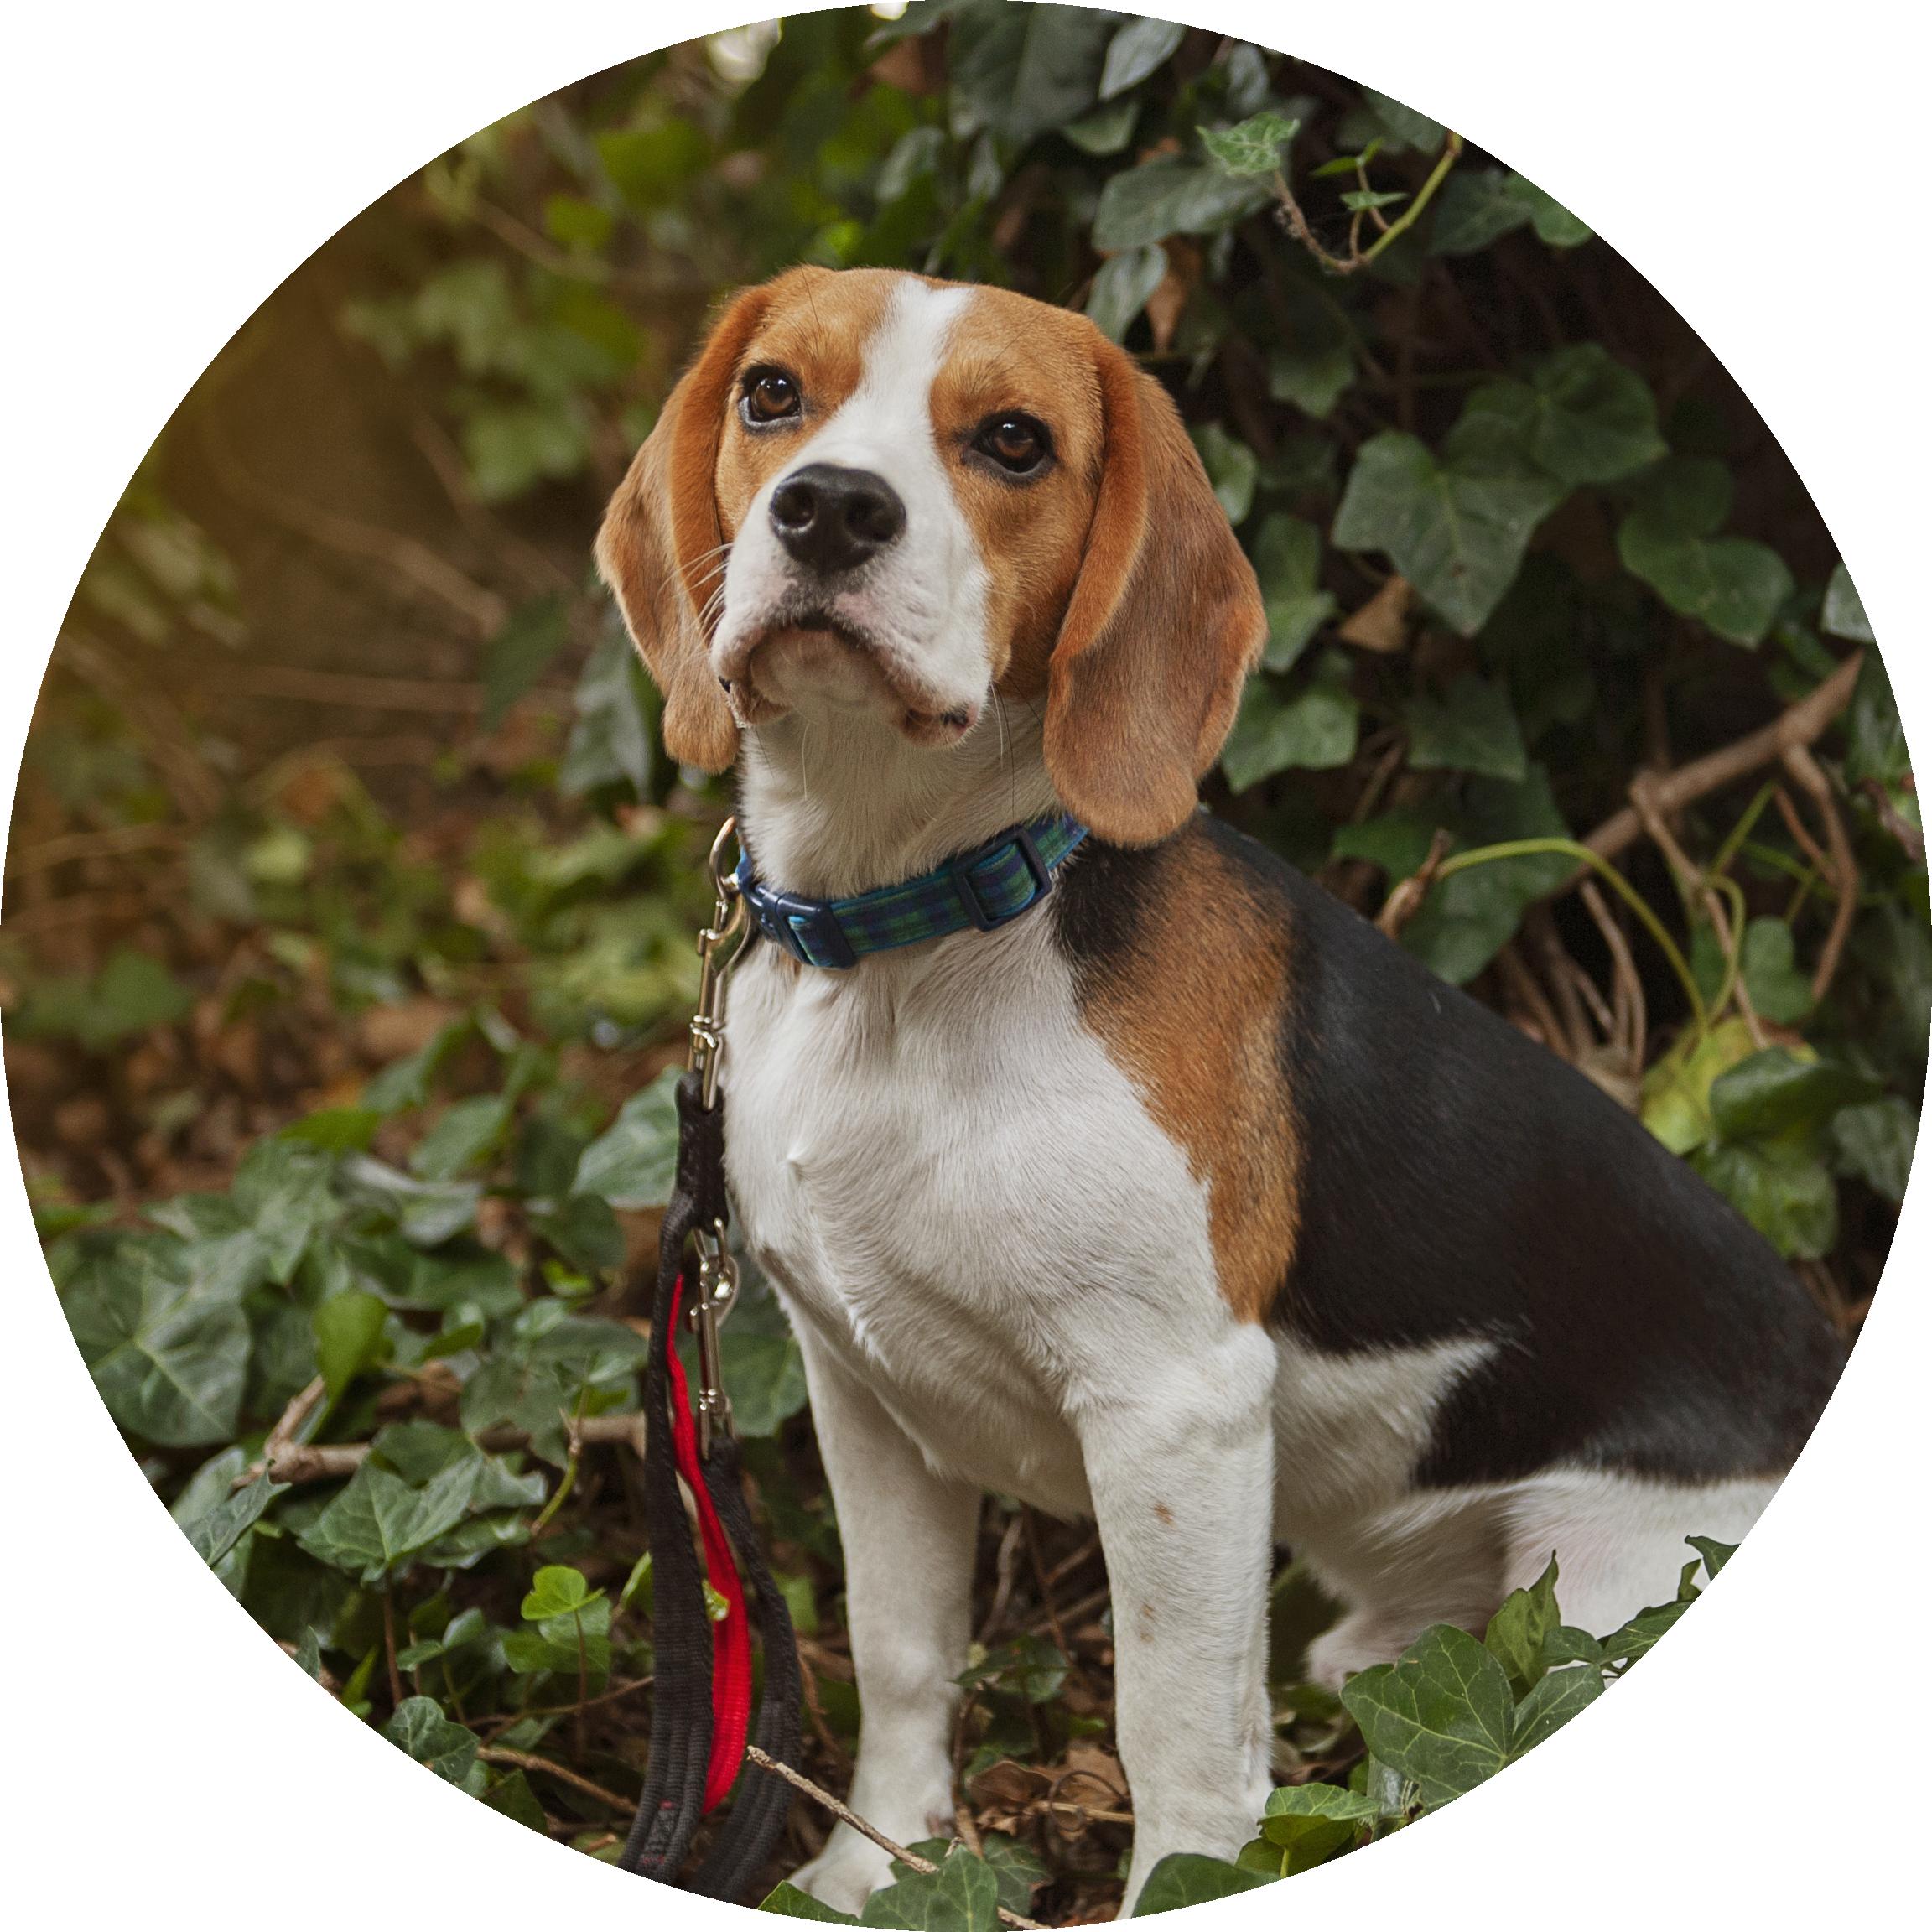 Balloo the beagle